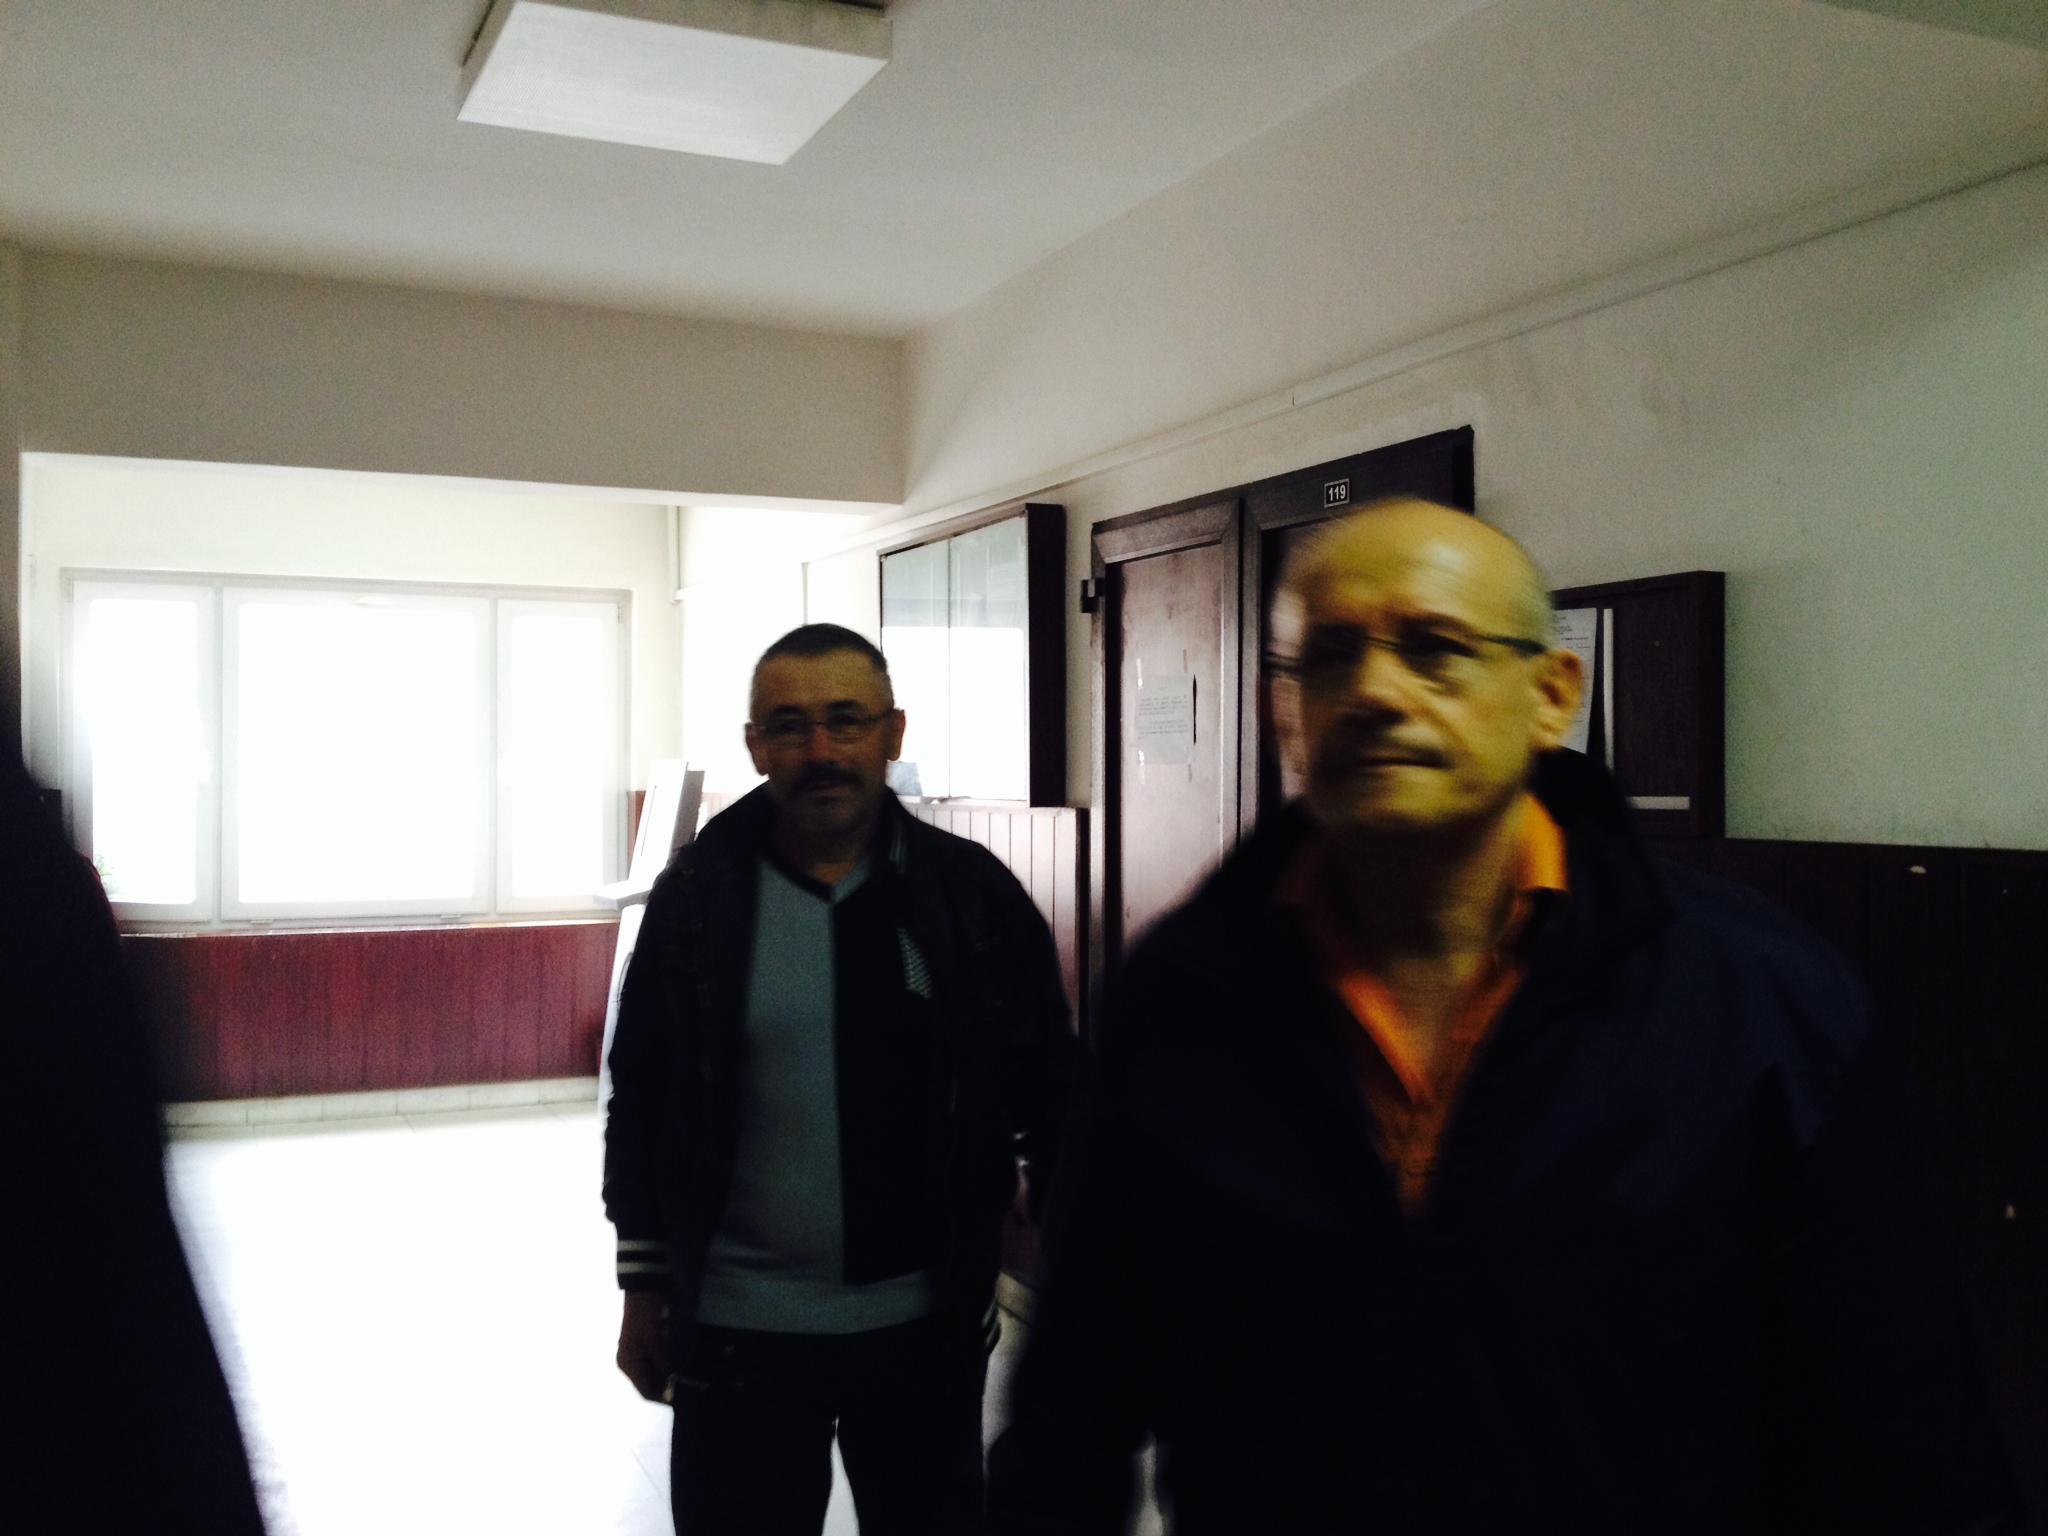 Judecătoarea Luminiţa Telbis şi medicul Sebastian Telbis rămân fără avere după ce procurorii au declanşat procedura de confiscare extinsă a averii